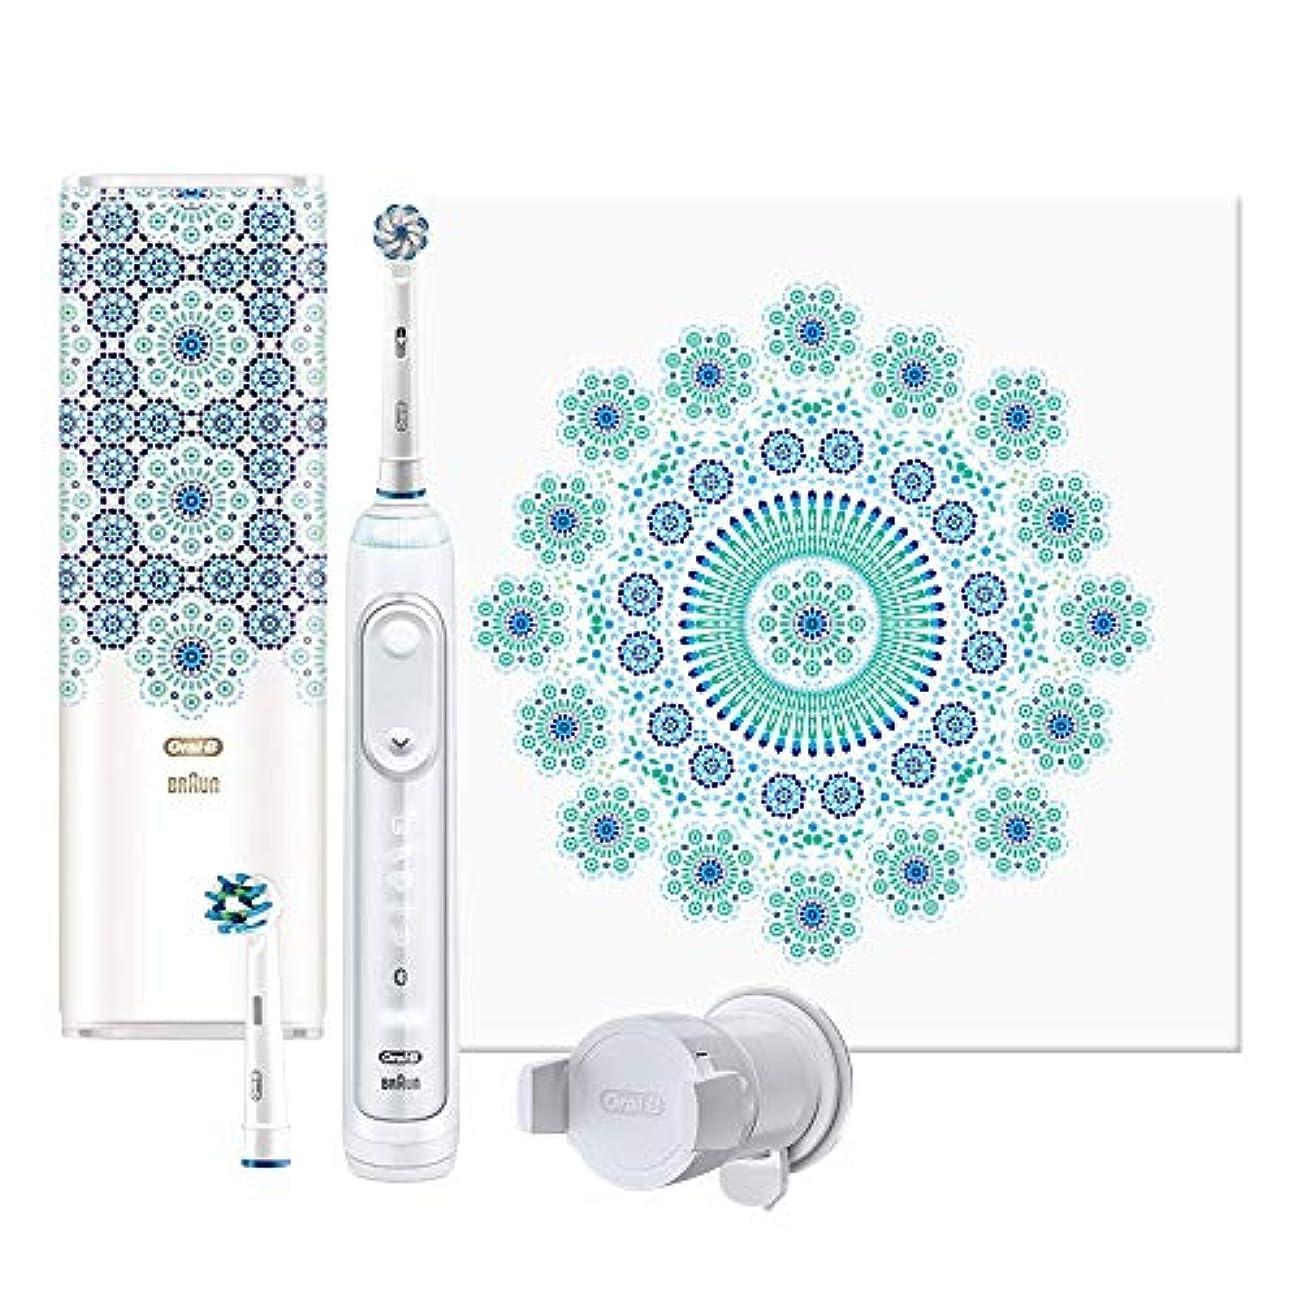 パステル終点権威ブラウン オーラルB 電動歯ブラシ ジーニアス9000 モロッコデザイン D7015256XCTMC